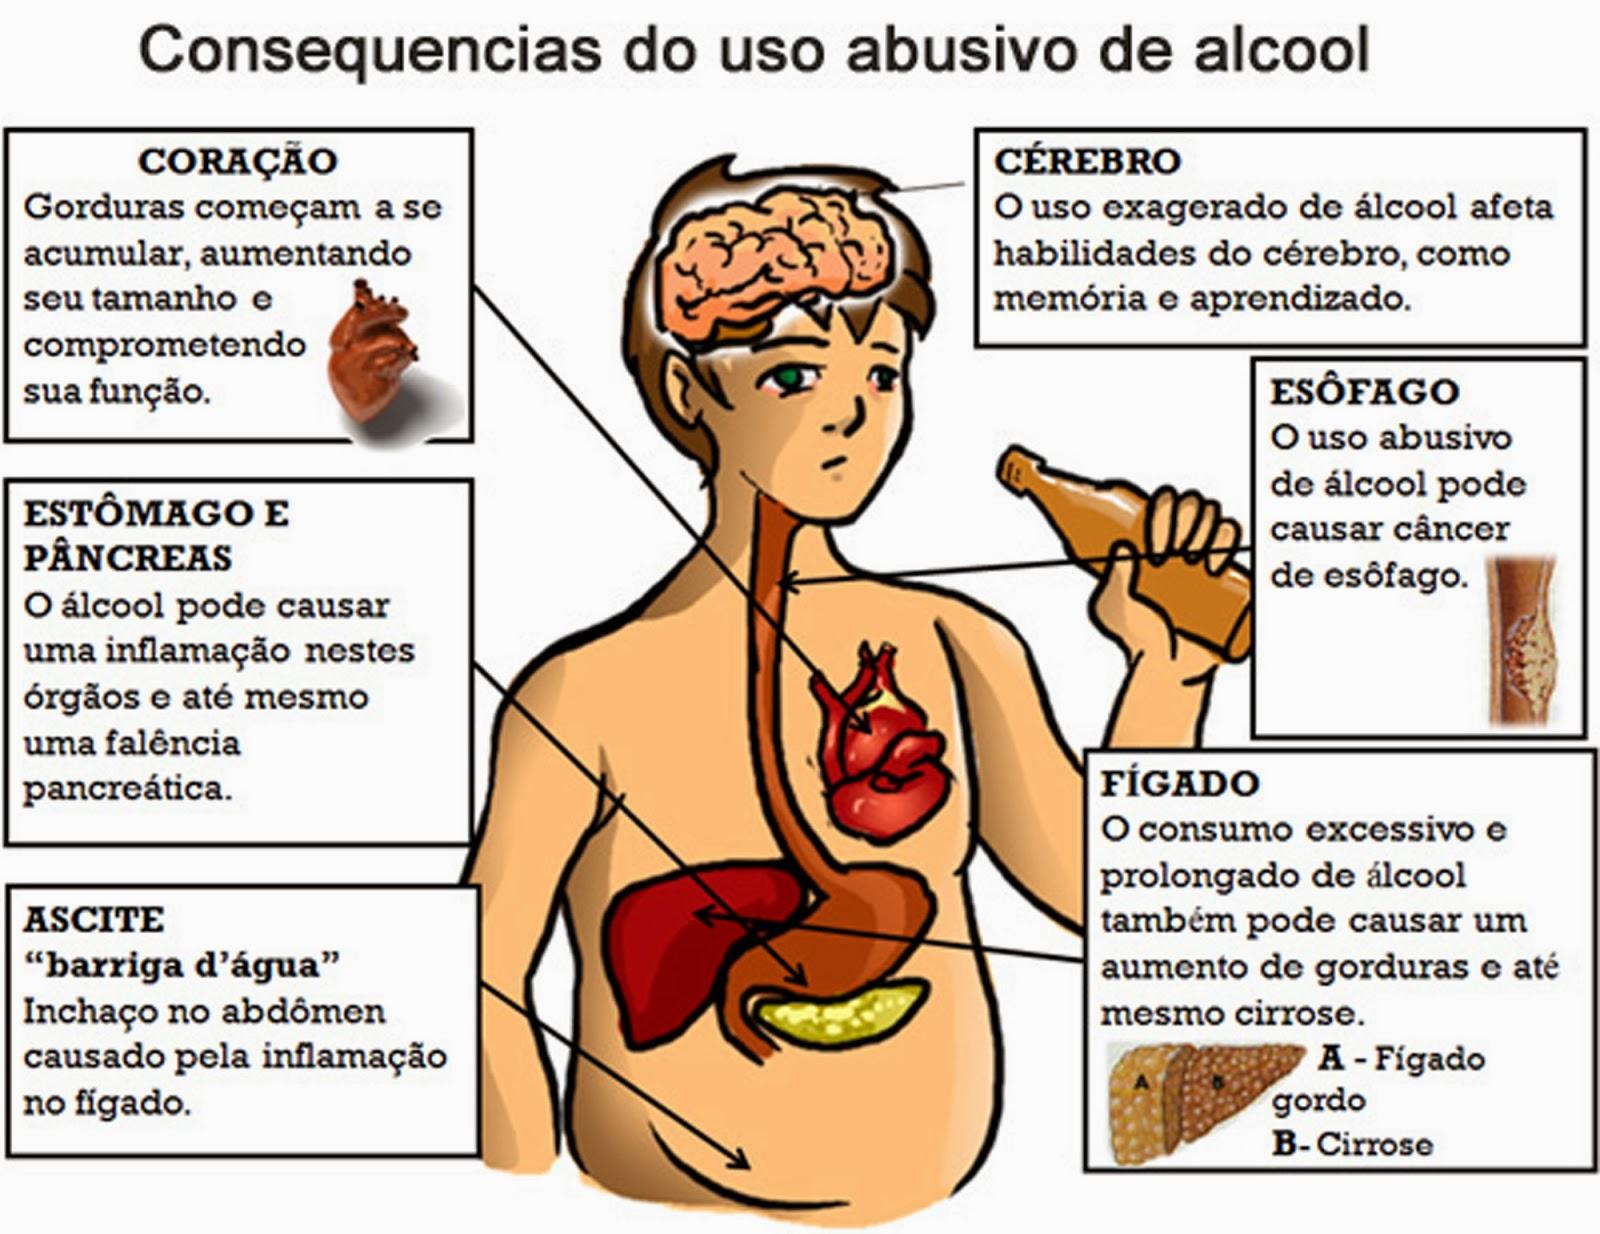 Codificação de álcool de preço de sugestões